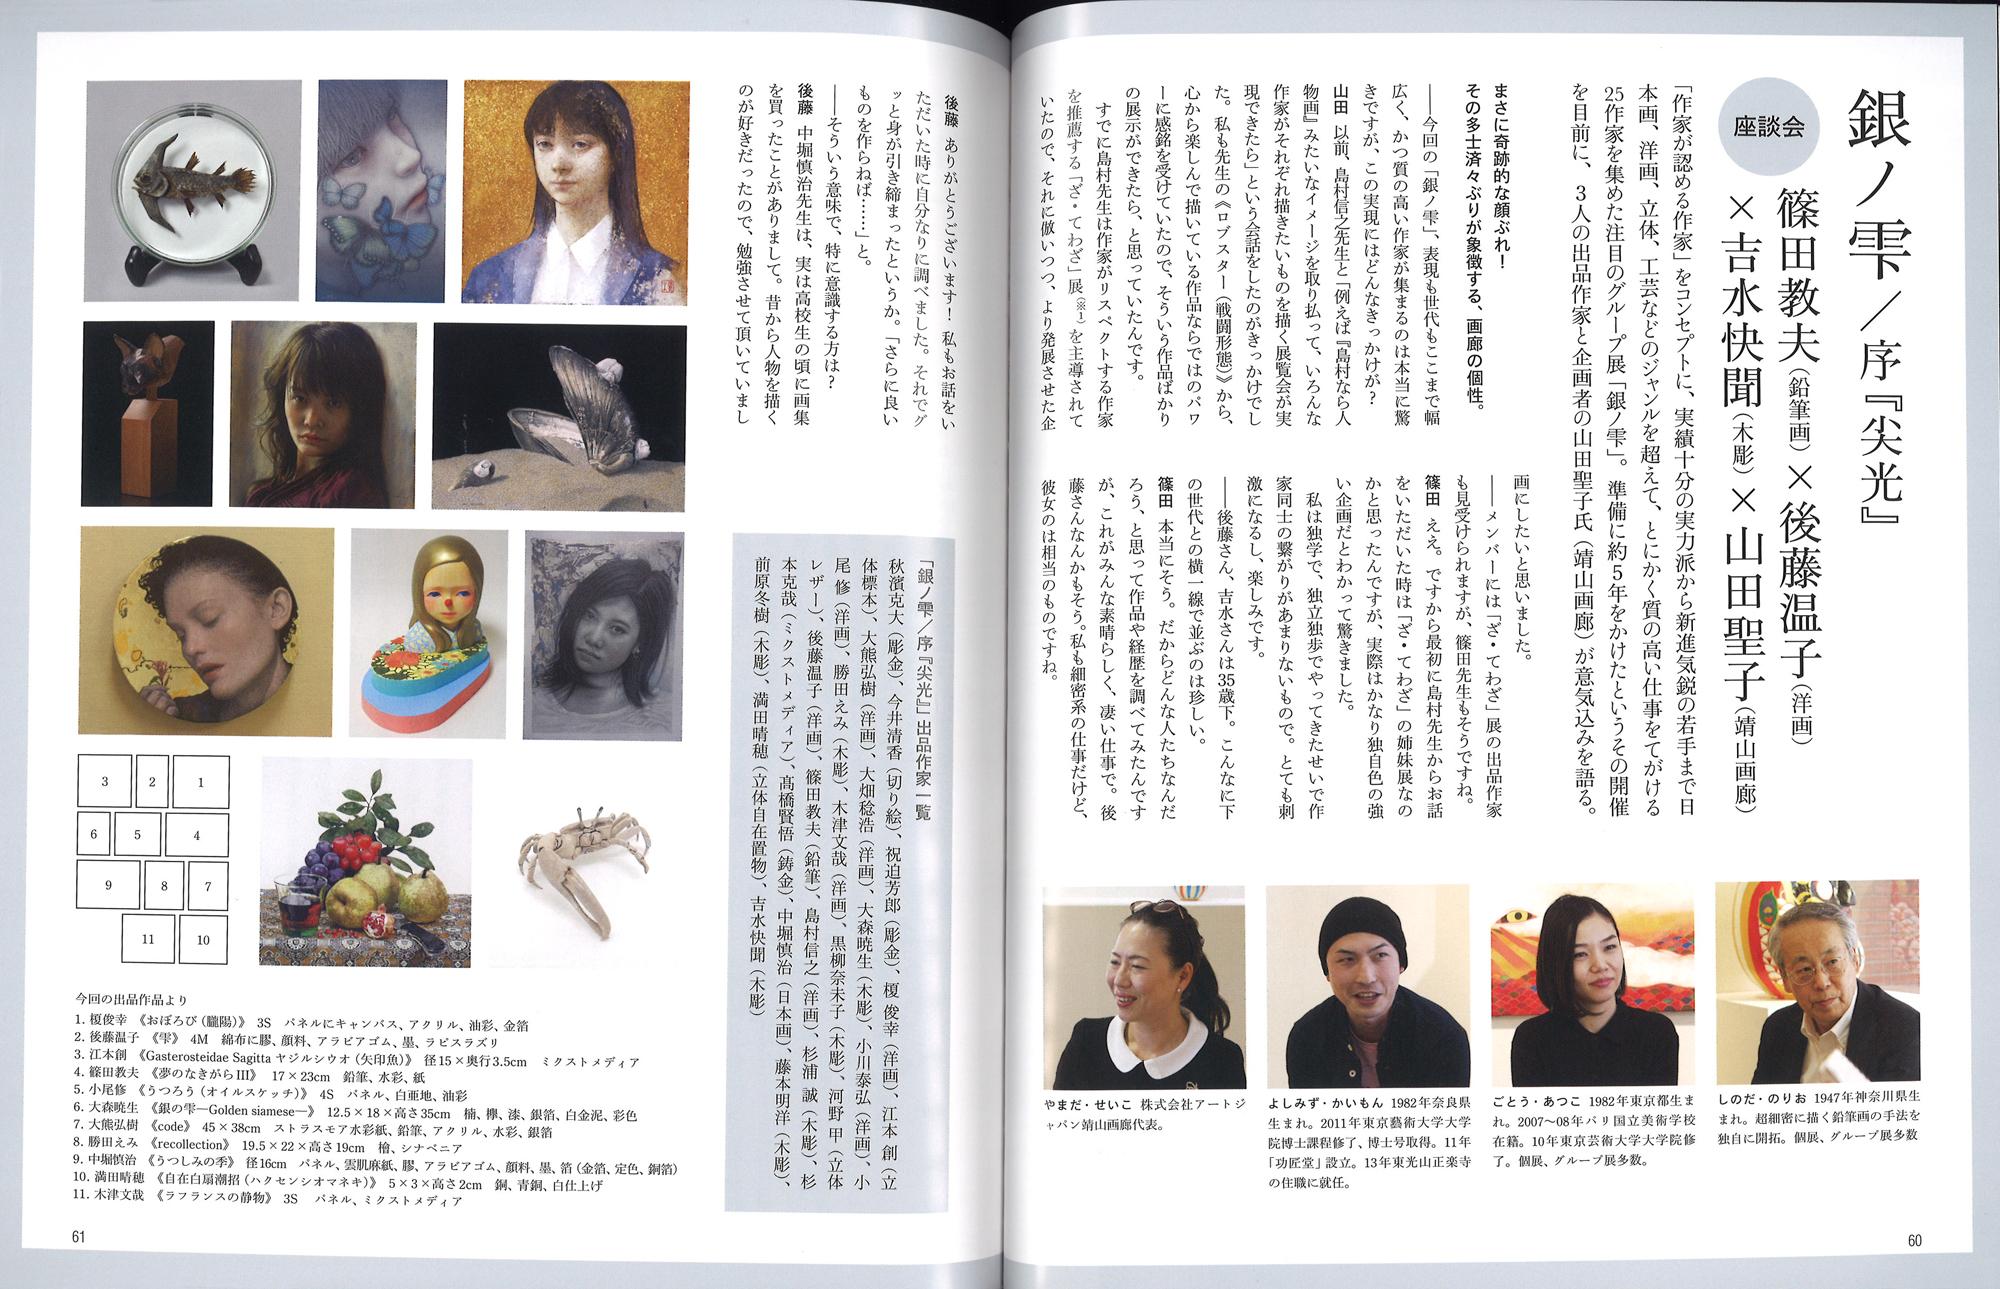 p60-61銀ノ雫座談会